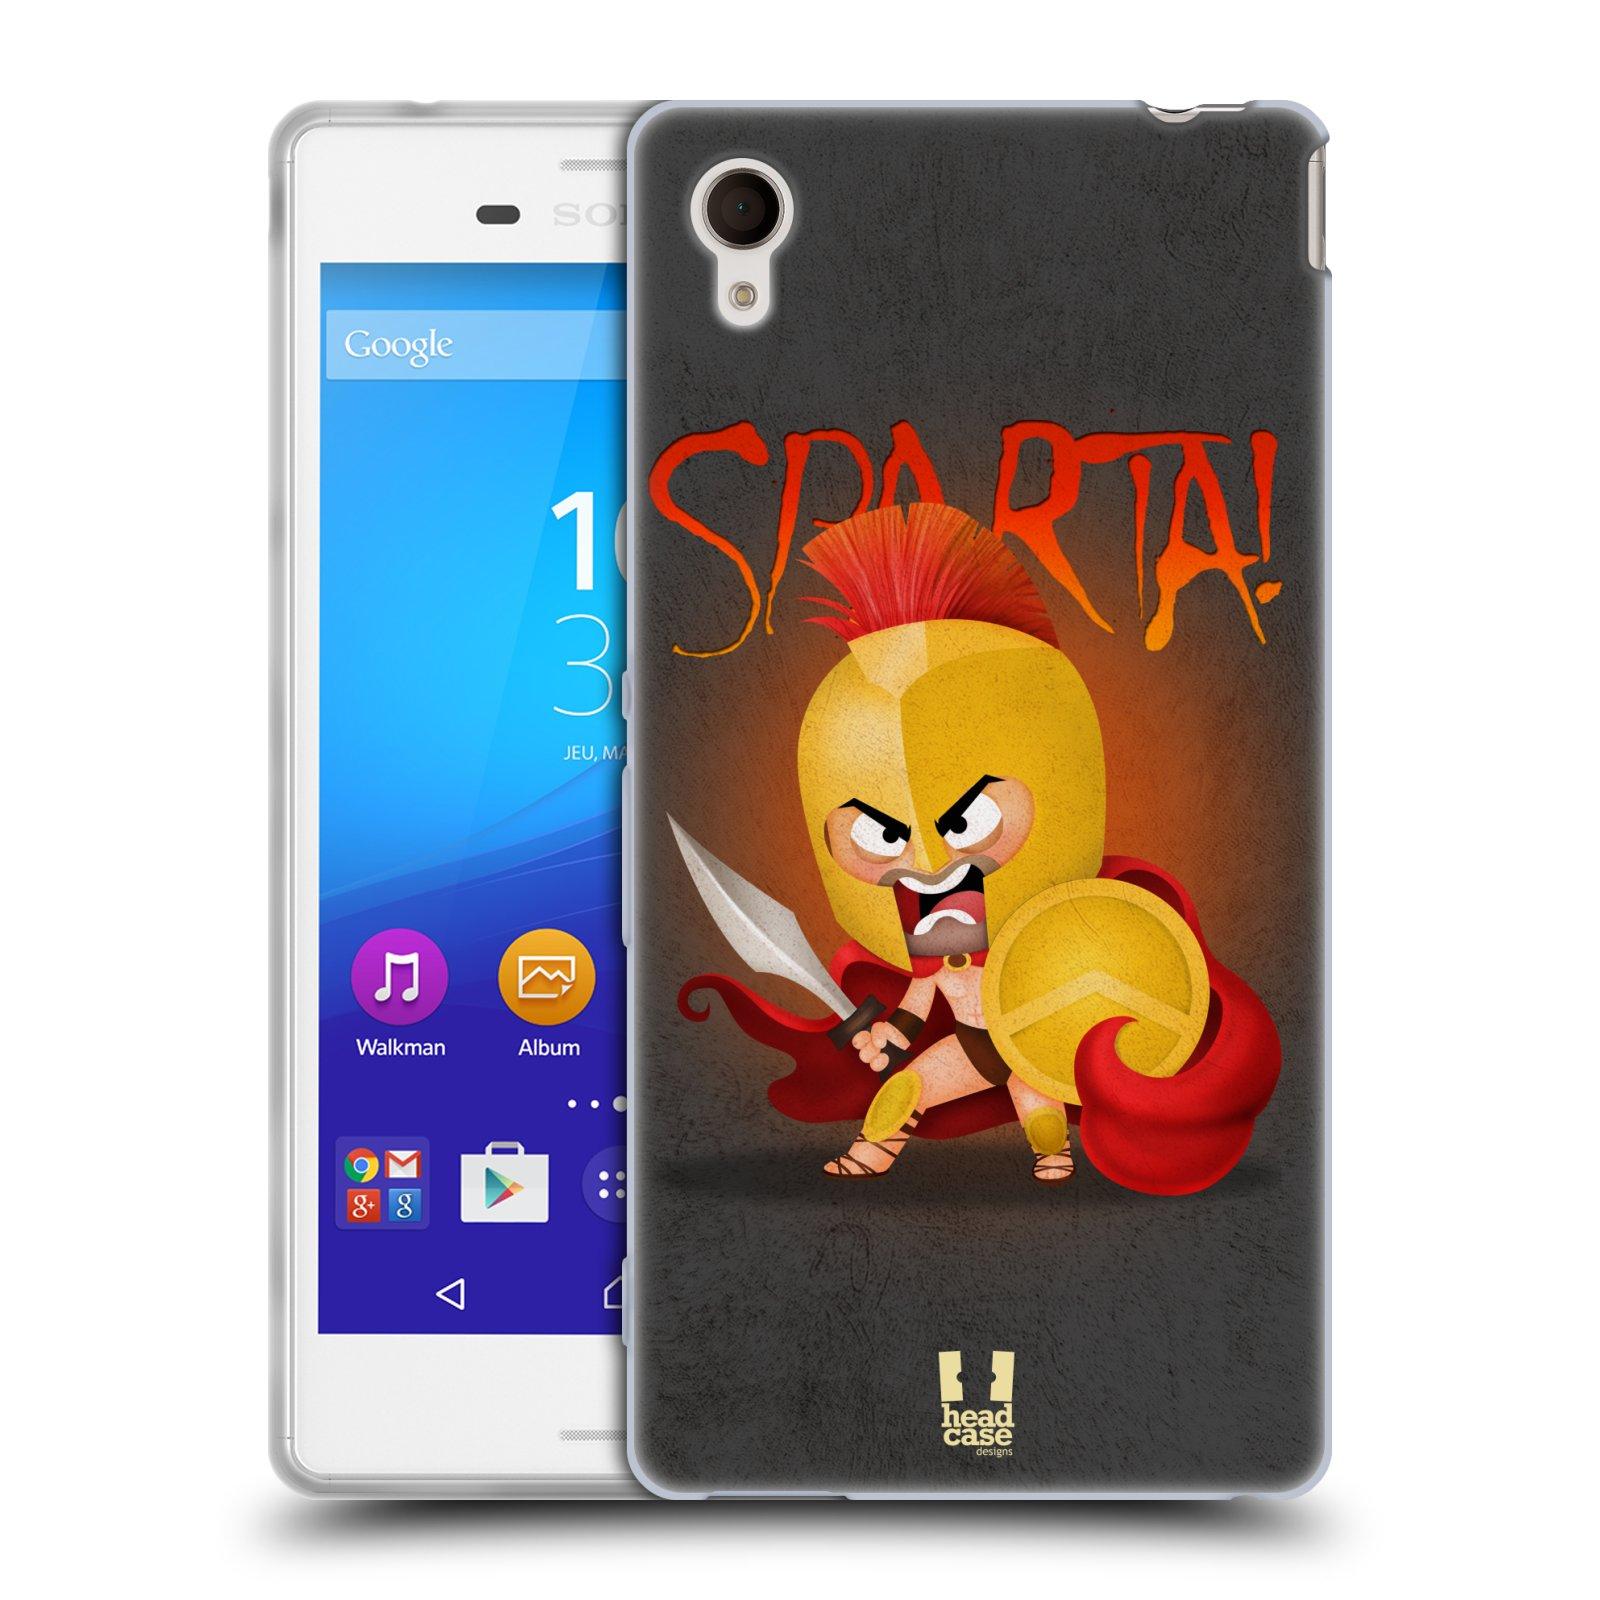 Silikonové pouzdro na mobil Sony Xperia M4 Aqua E2303 HEAD CASE Sparta (Silikonový kryt či obal na mobilní telefon Sony Xperia M4 Aqua a M4 Aqua Dual SIM)